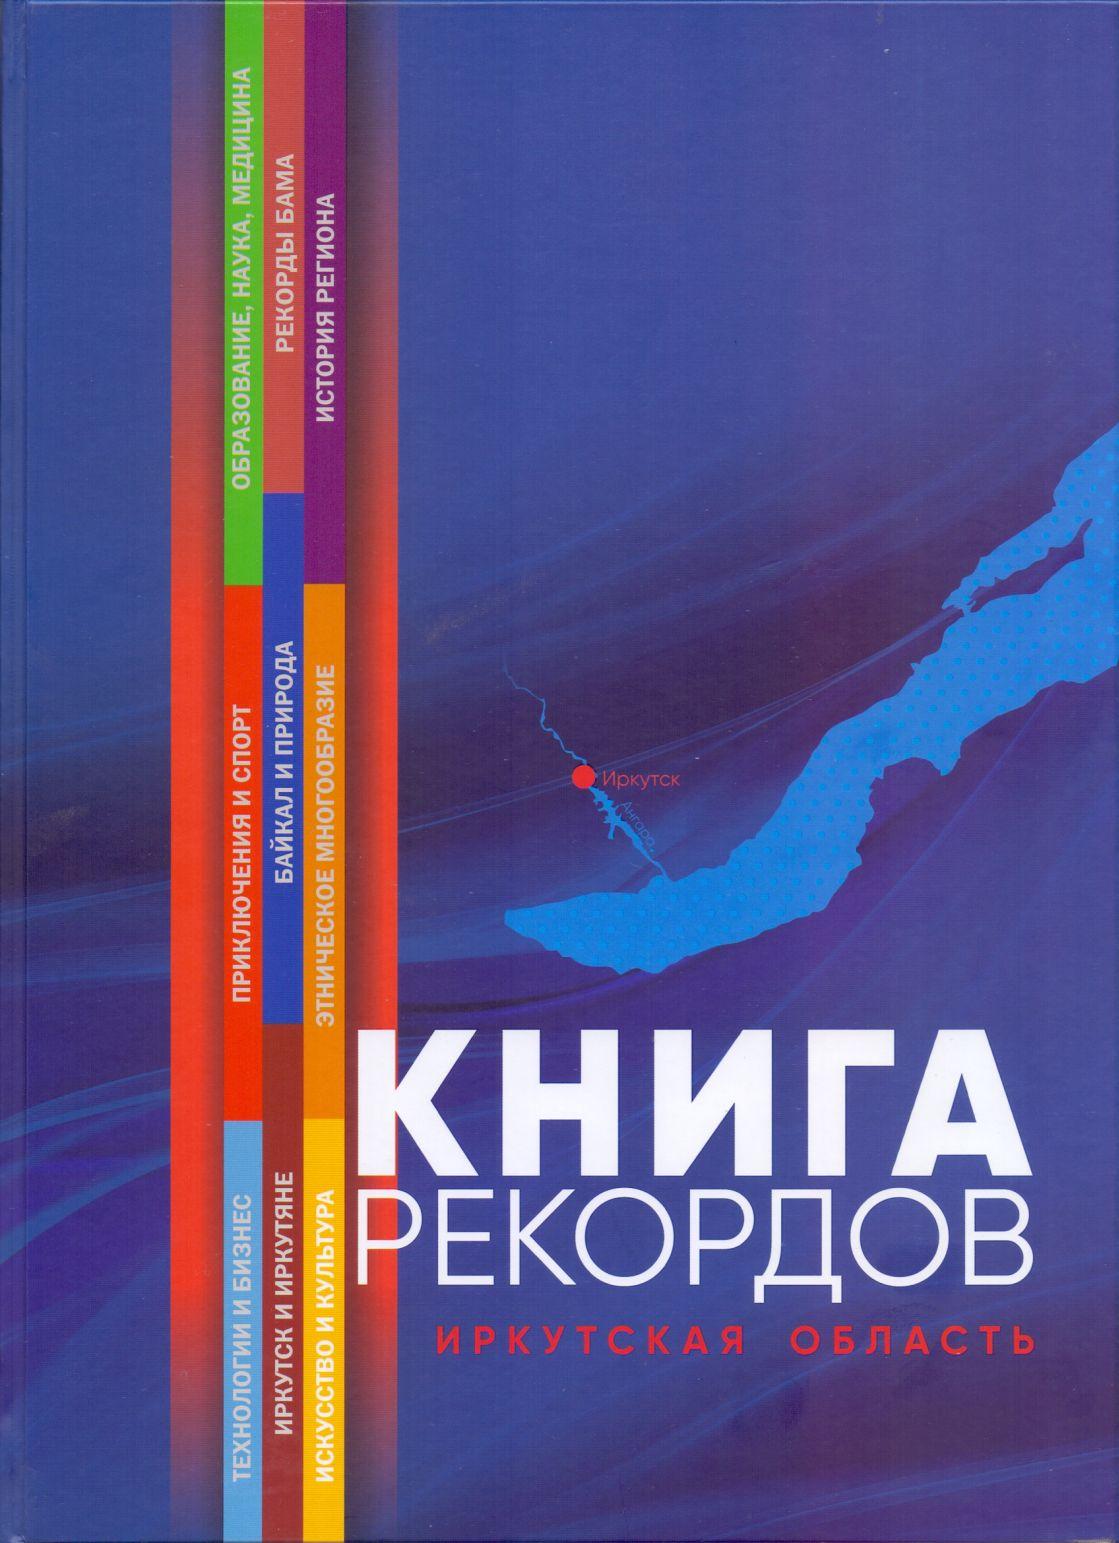 Иркутская область. Книга рекордов - 2019